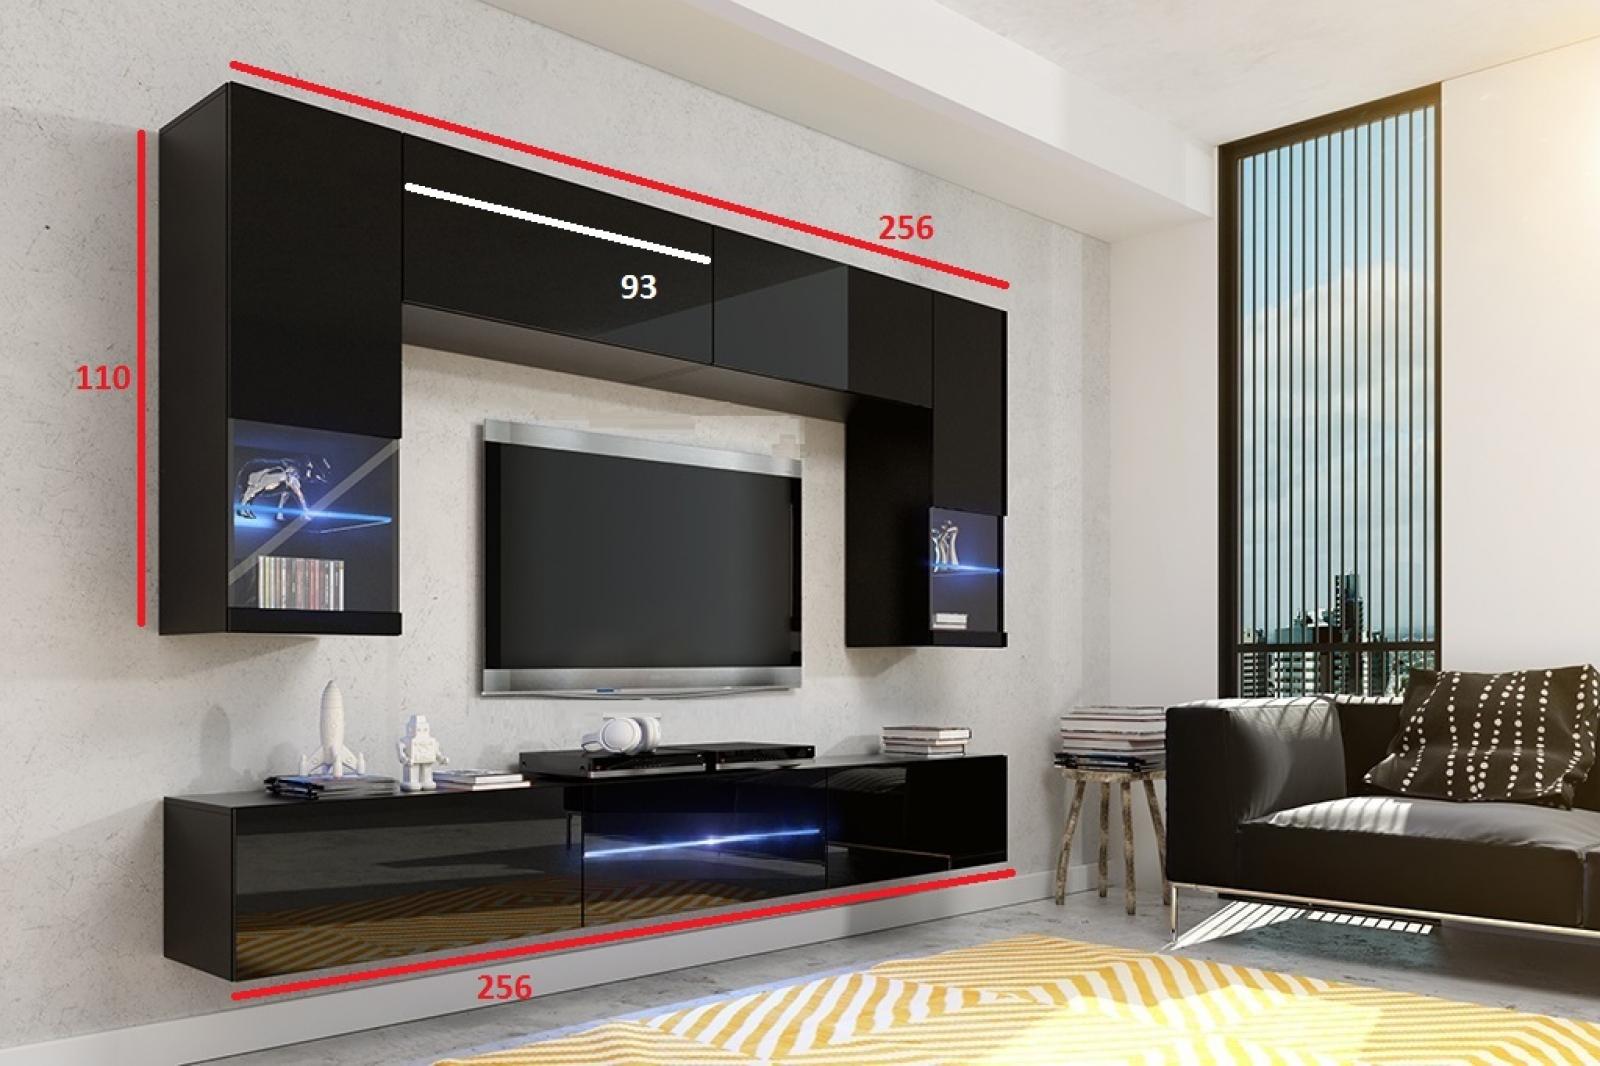 kaufexpert wohnwand milano grau hochglanz schwarz 256 cm. Black Bedroom Furniture Sets. Home Design Ideas